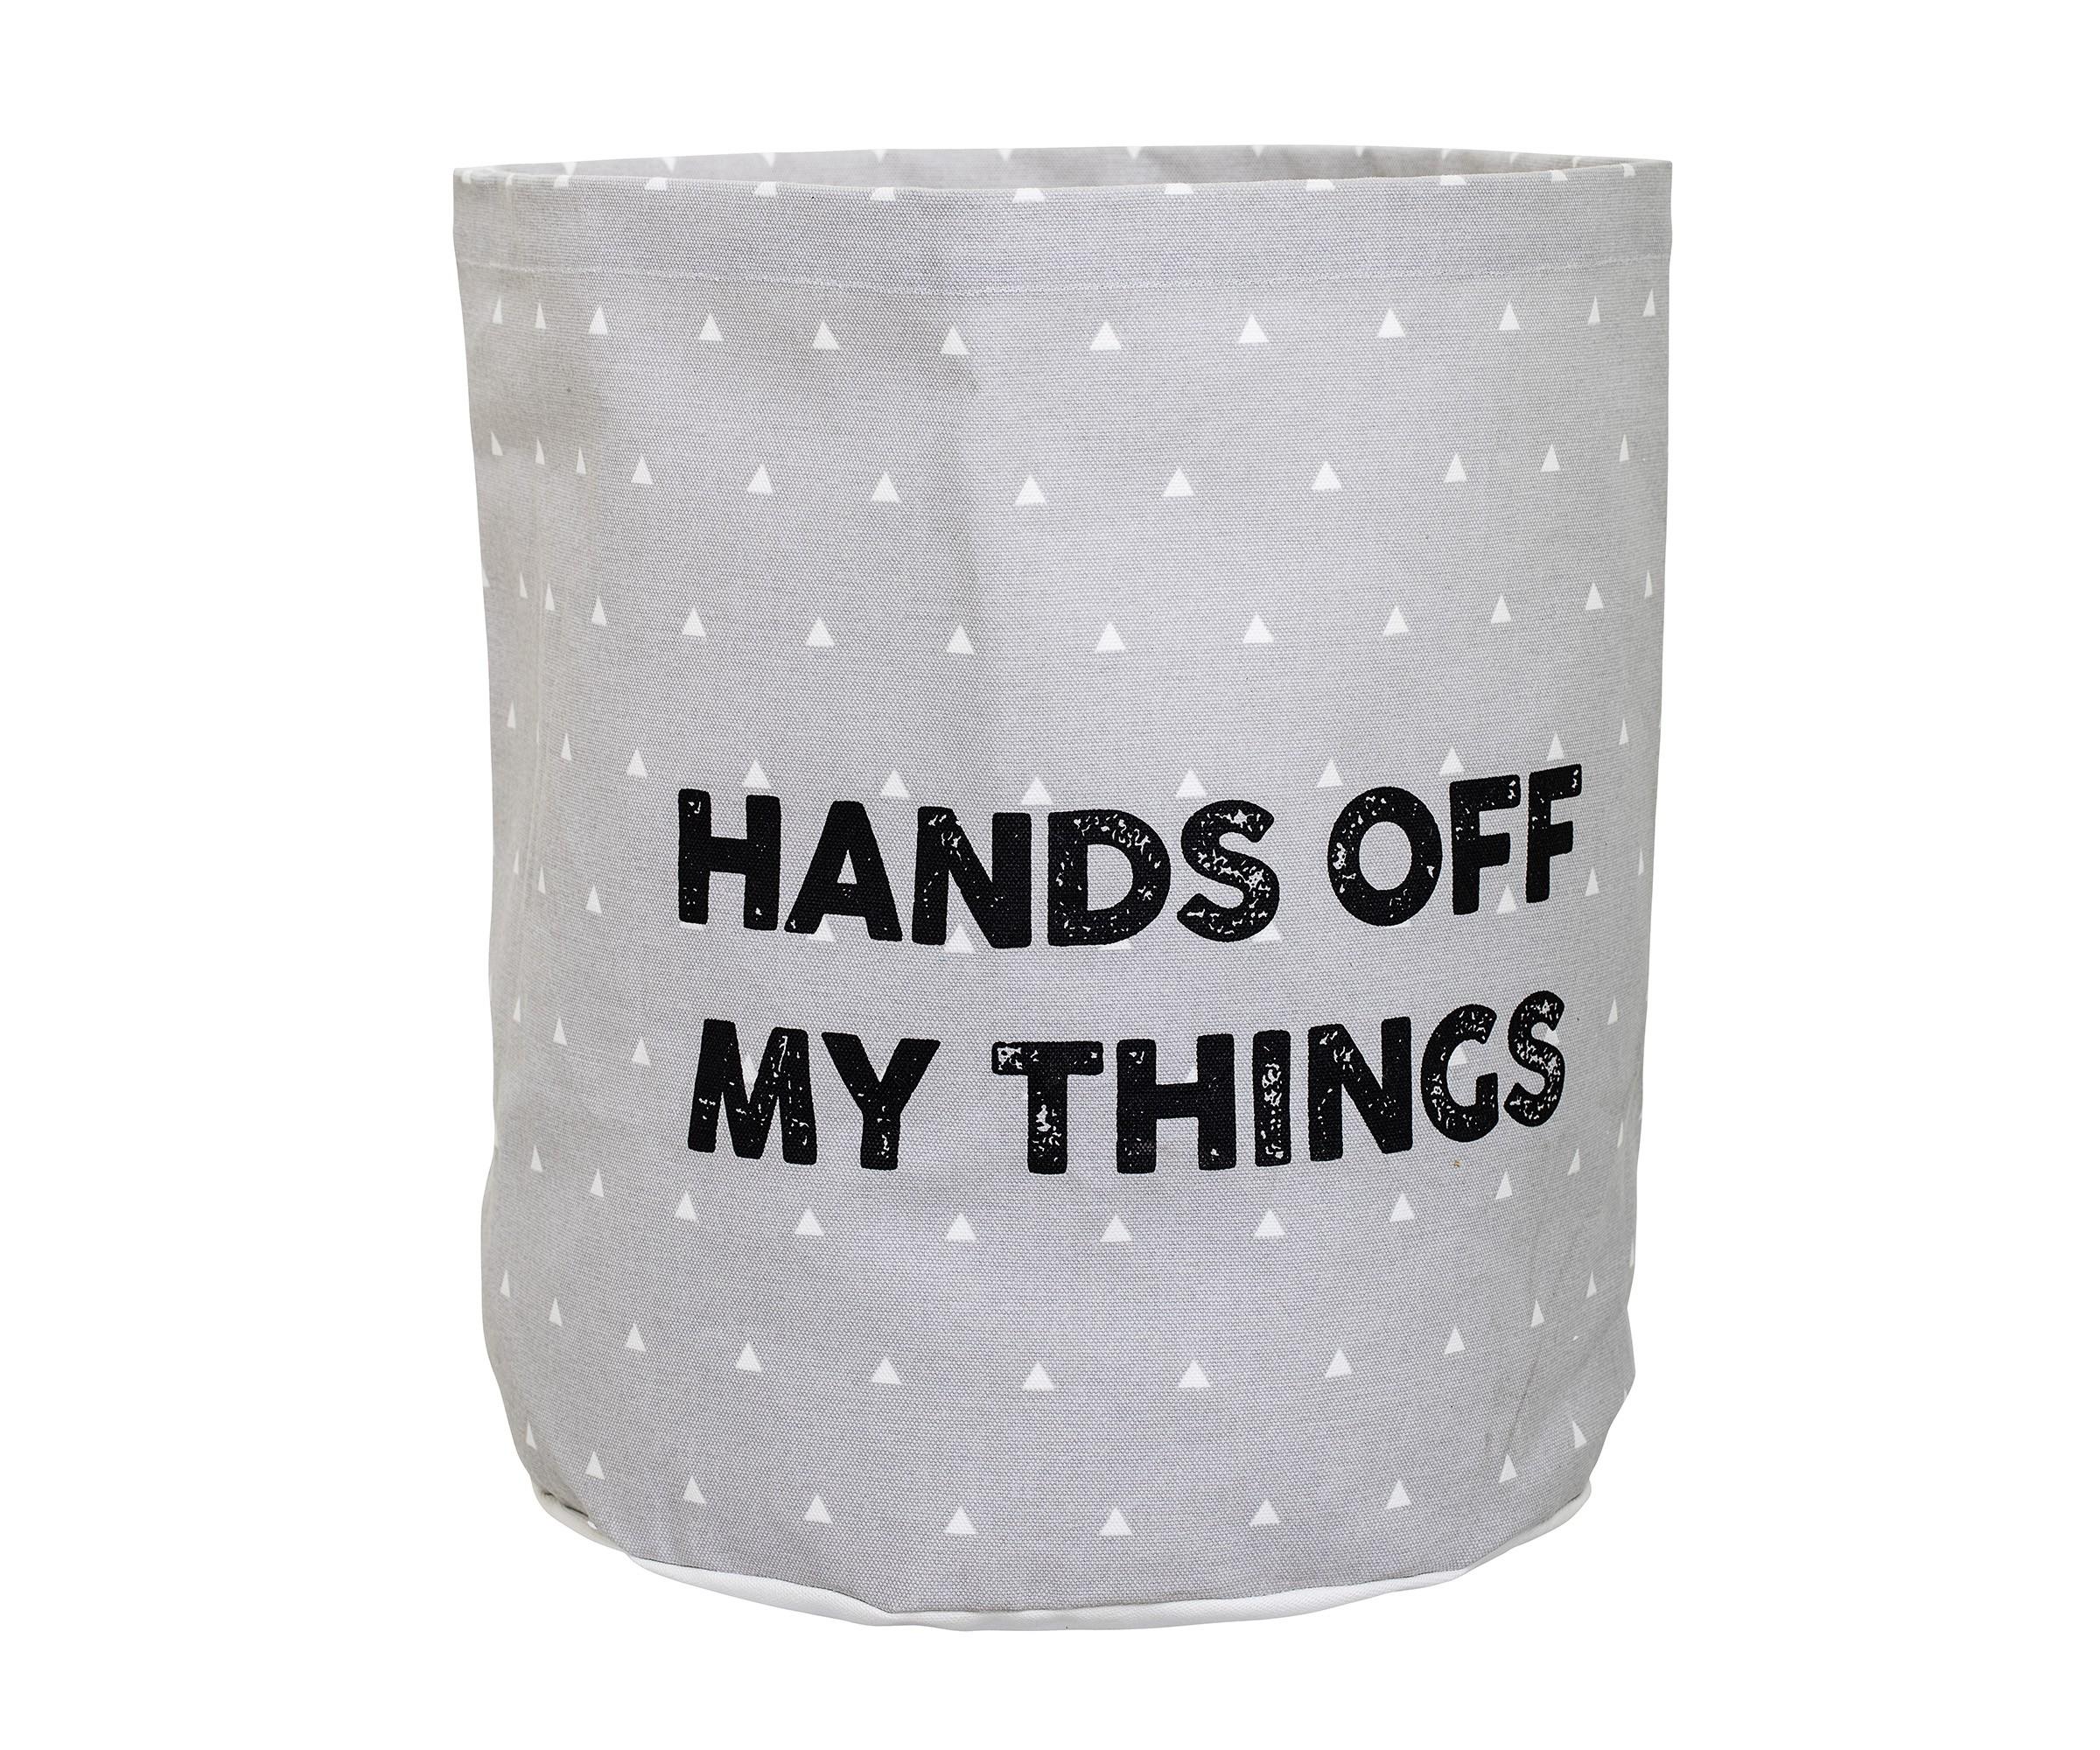 Сумка для хранения Hands offСумки<br><br><br>Material: Текстиль<br>Высота см: 40<br>Глубина см: 35